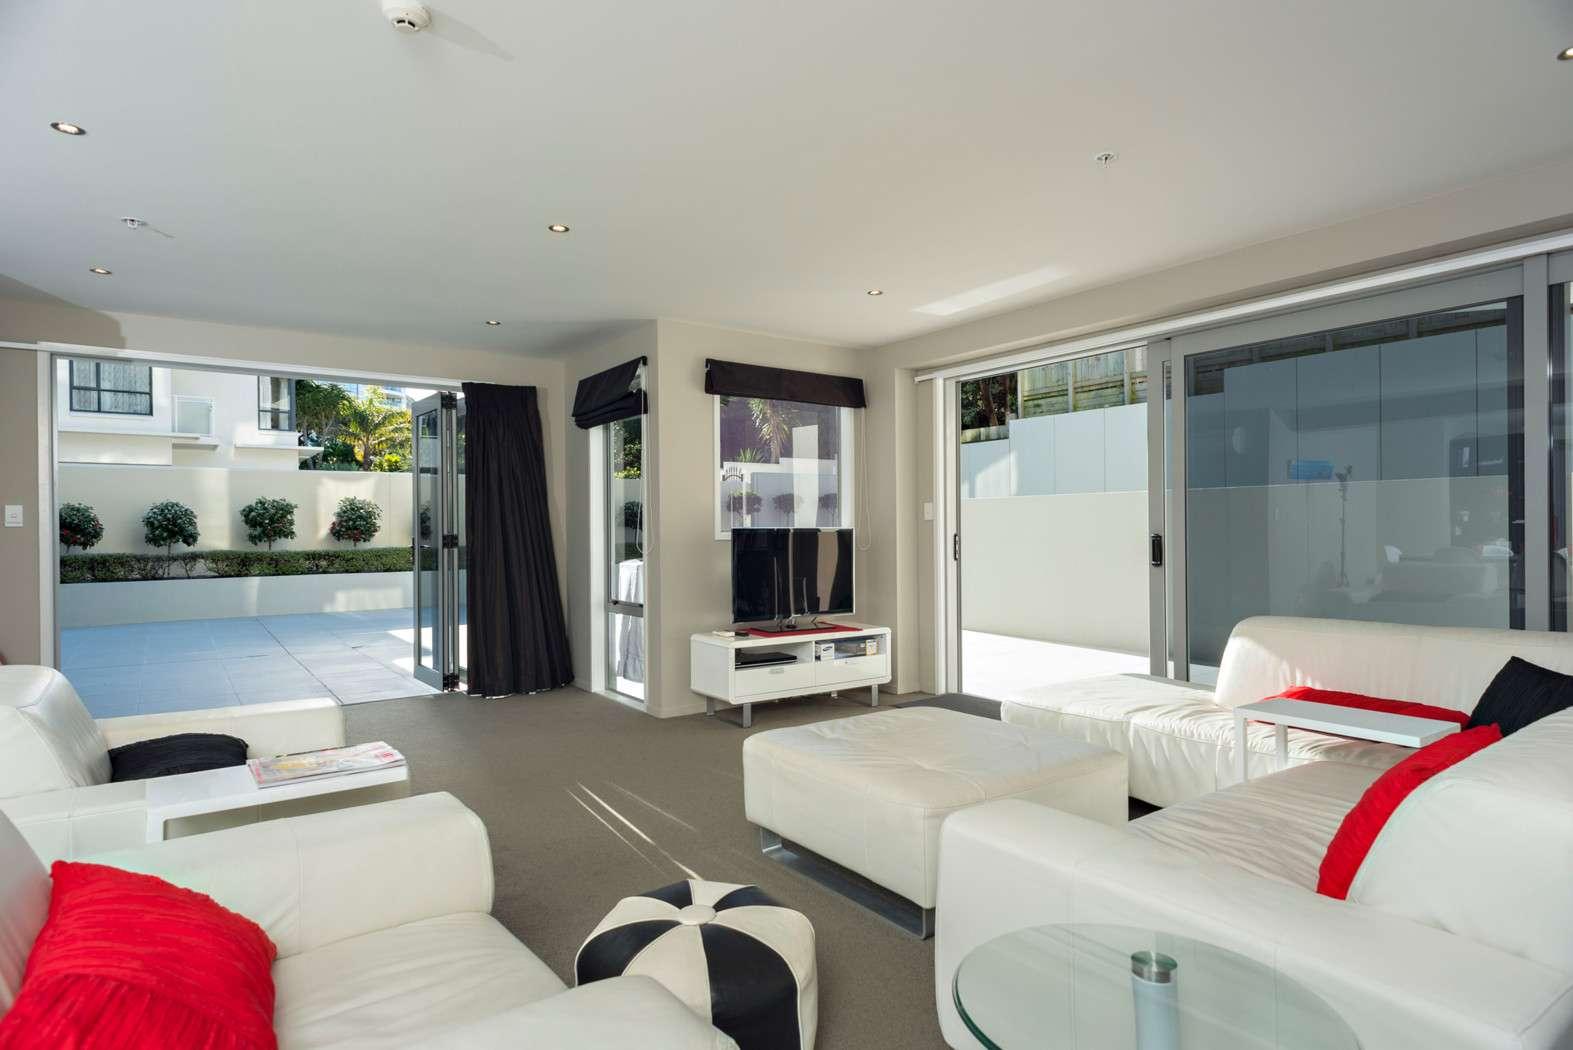 29 Maunganui Road (Apartment 0B3), MT MAUNGANUI, Tauranga City 3116